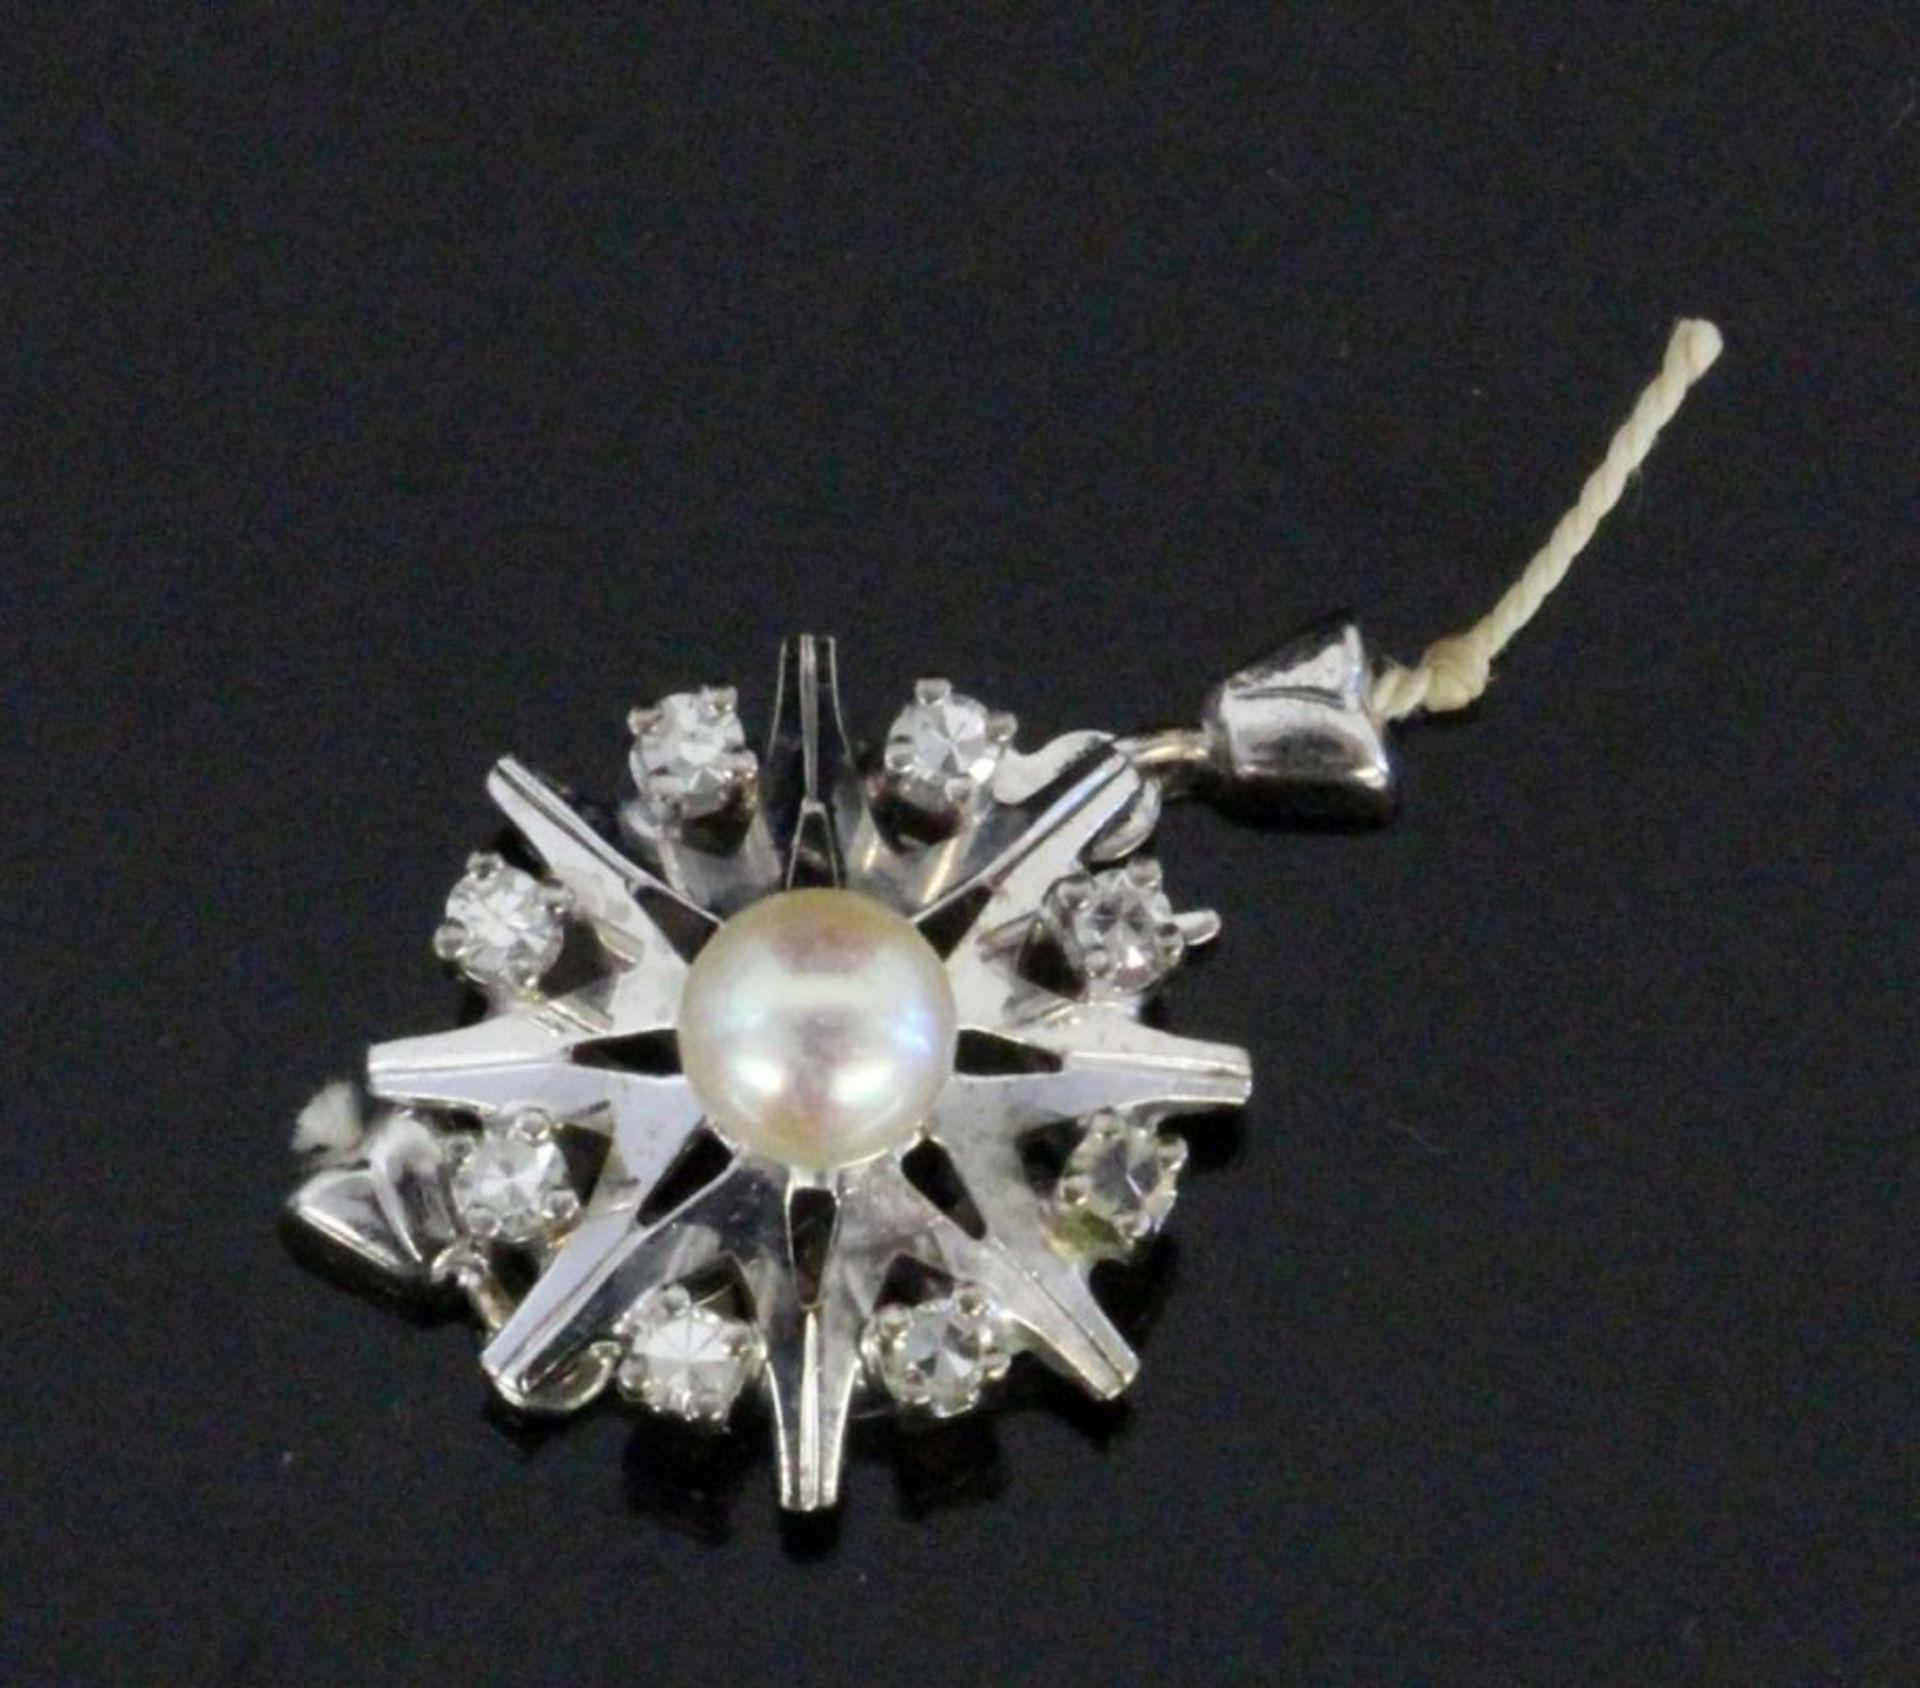 KETTENSCHLIESSE585/000 Weissgold mit Perle und kleinen Brillanten. D. 15mm, Brutto ca. 3,4gA